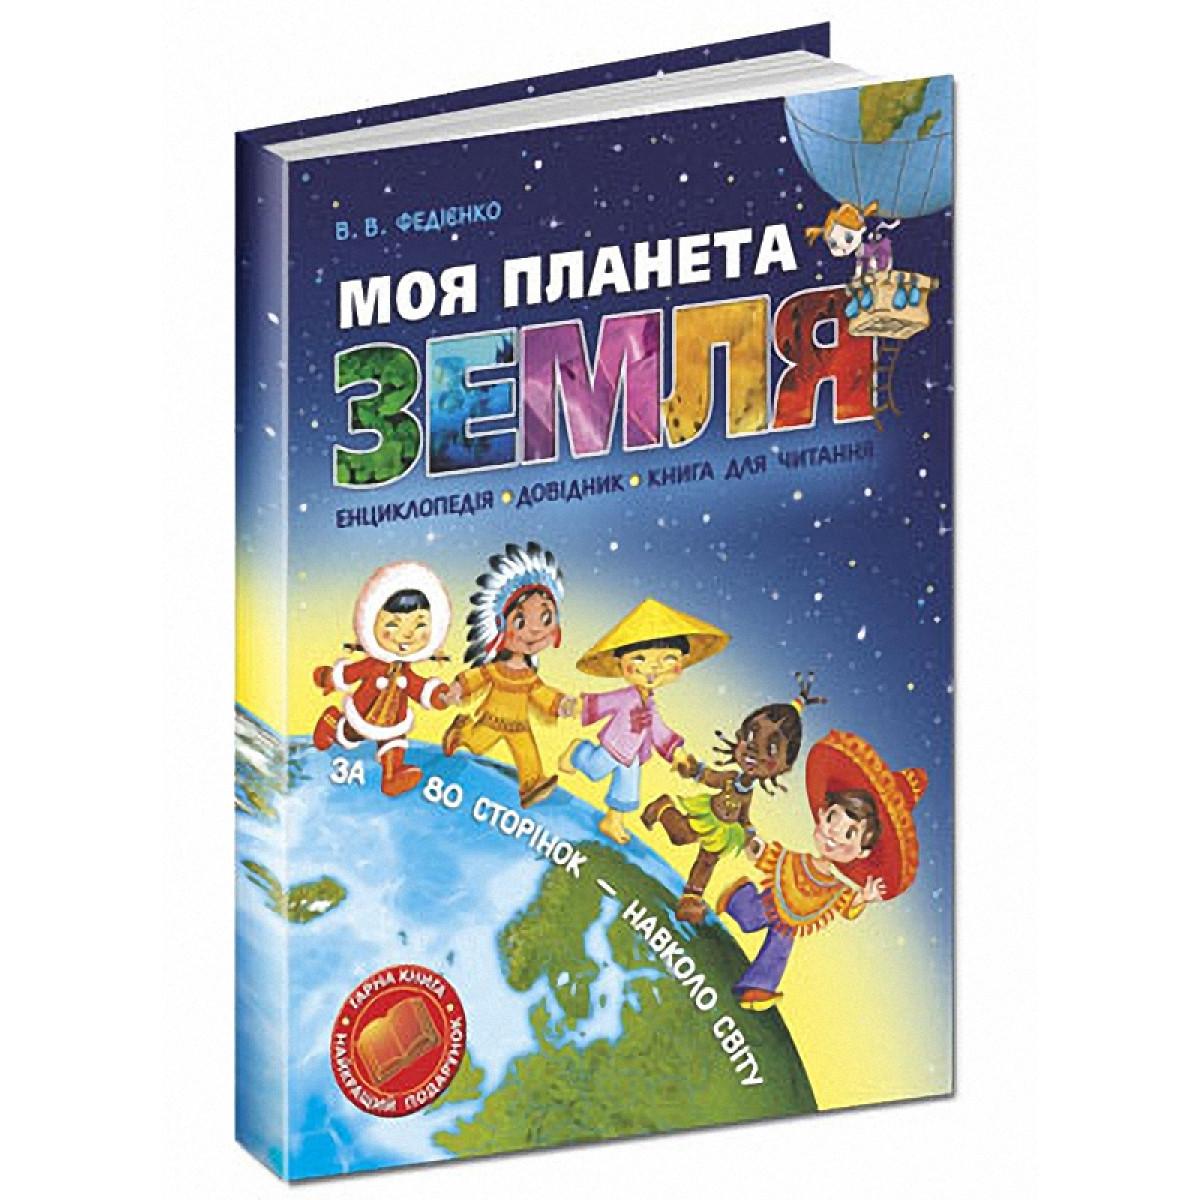 Енциклопедія для дітей Моя планета Земля Фадієнко В.